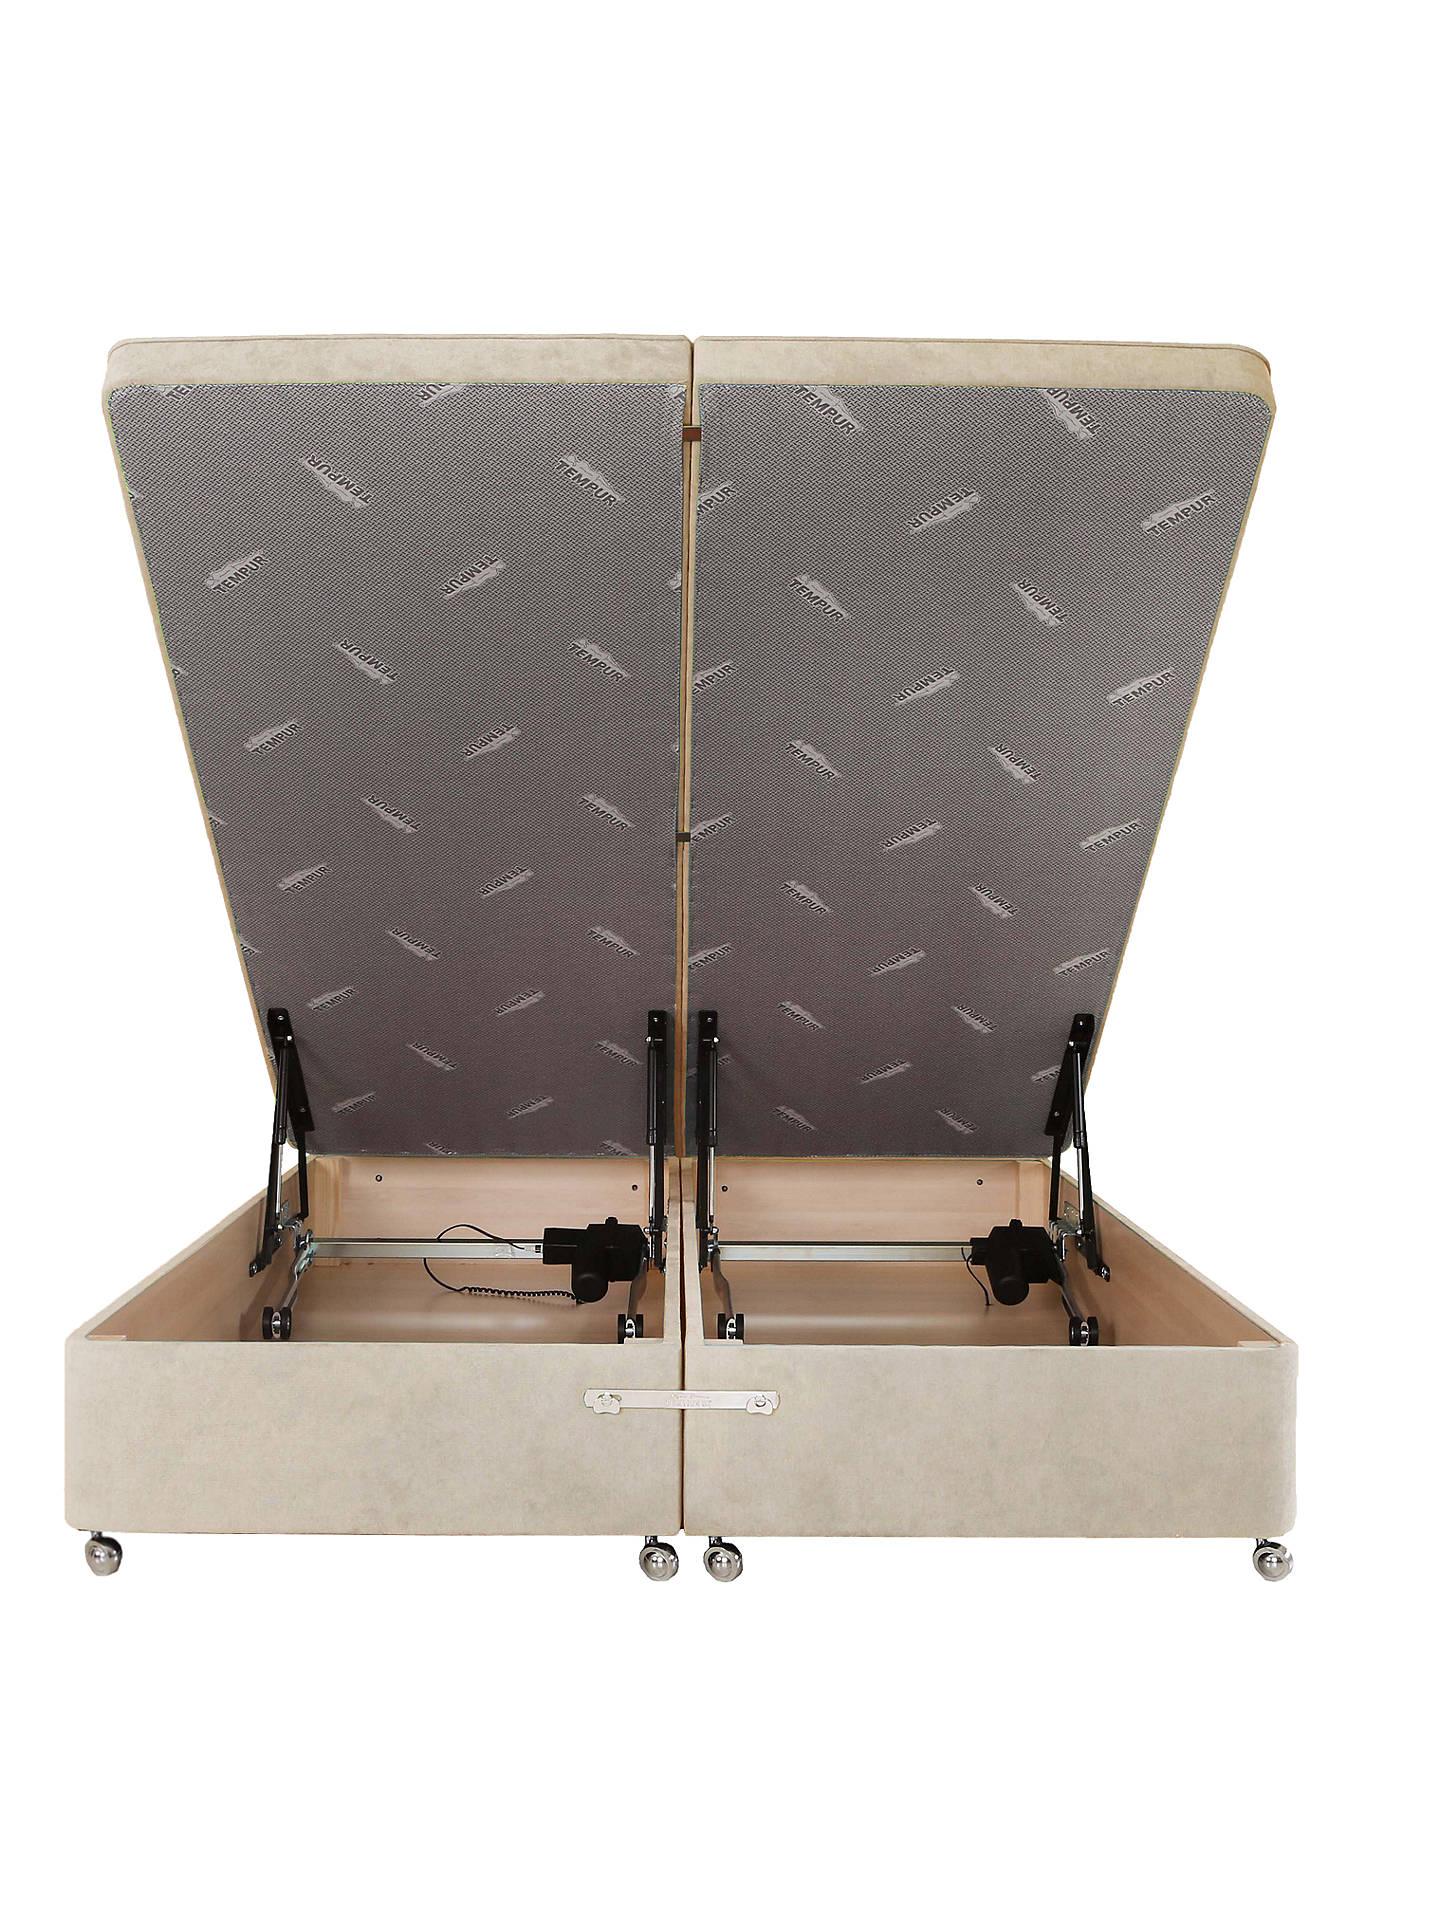 Surprising Tempur Electric Ottoman Divan Storage Base Double Ecru Lamtechconsult Wood Chair Design Ideas Lamtechconsultcom